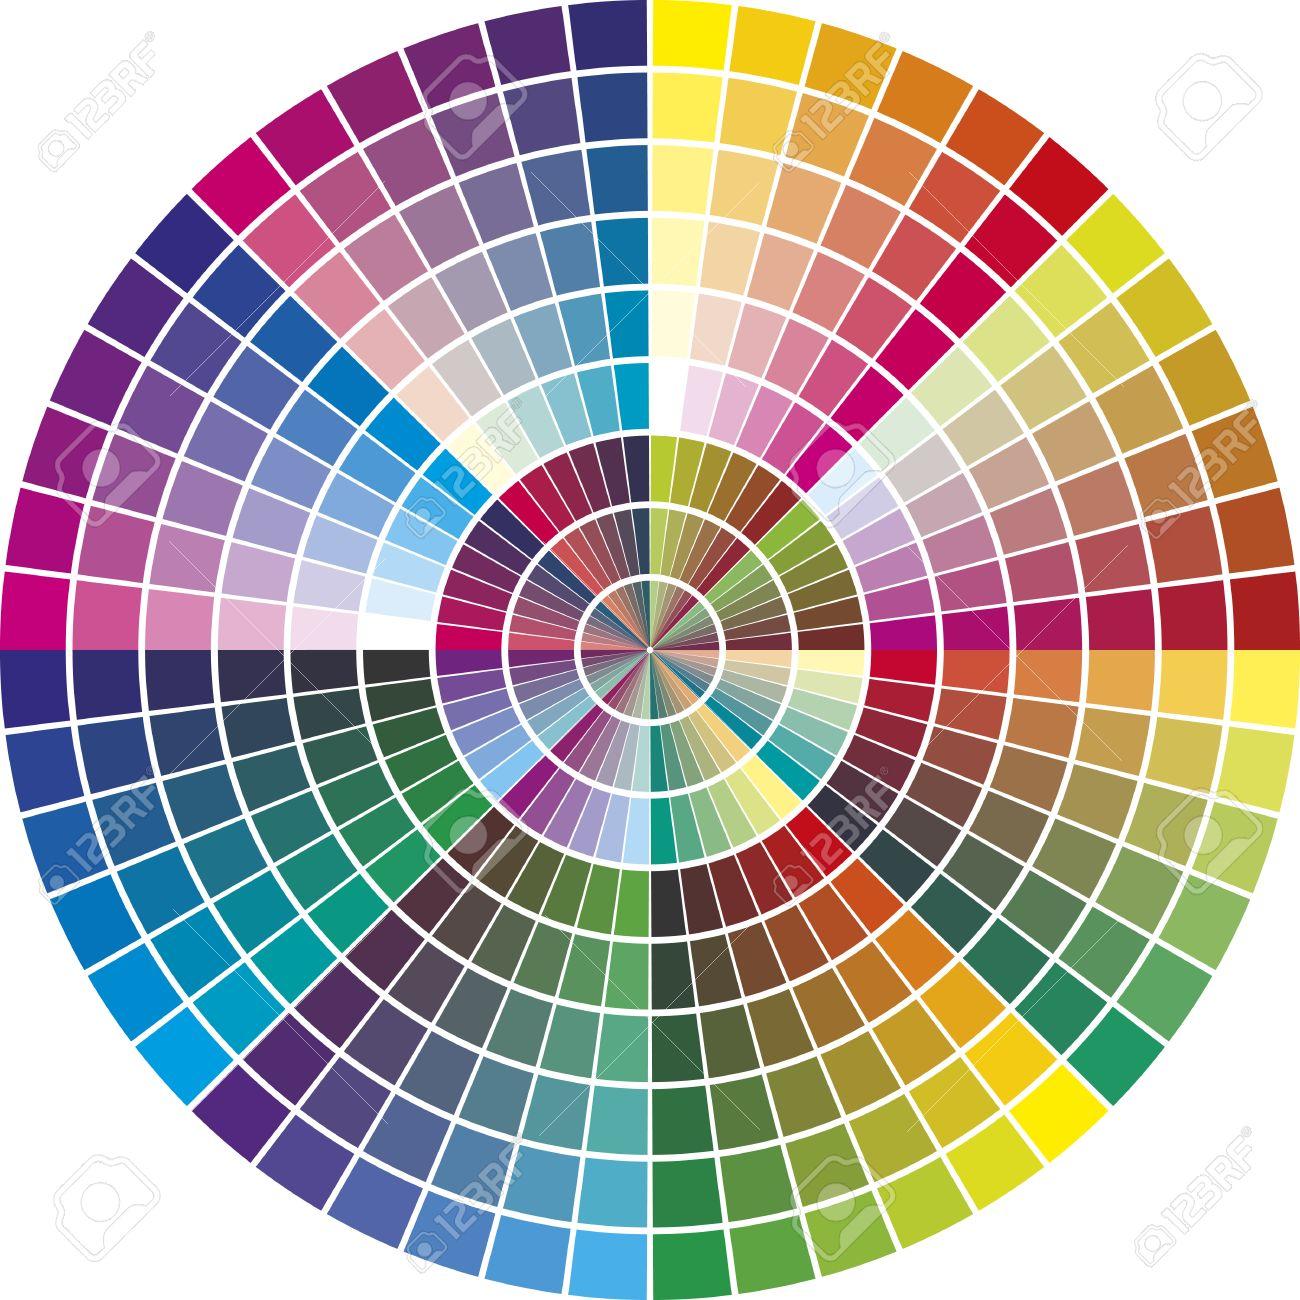 carta de colores redonda para la industria gráfica con 216 tonos de